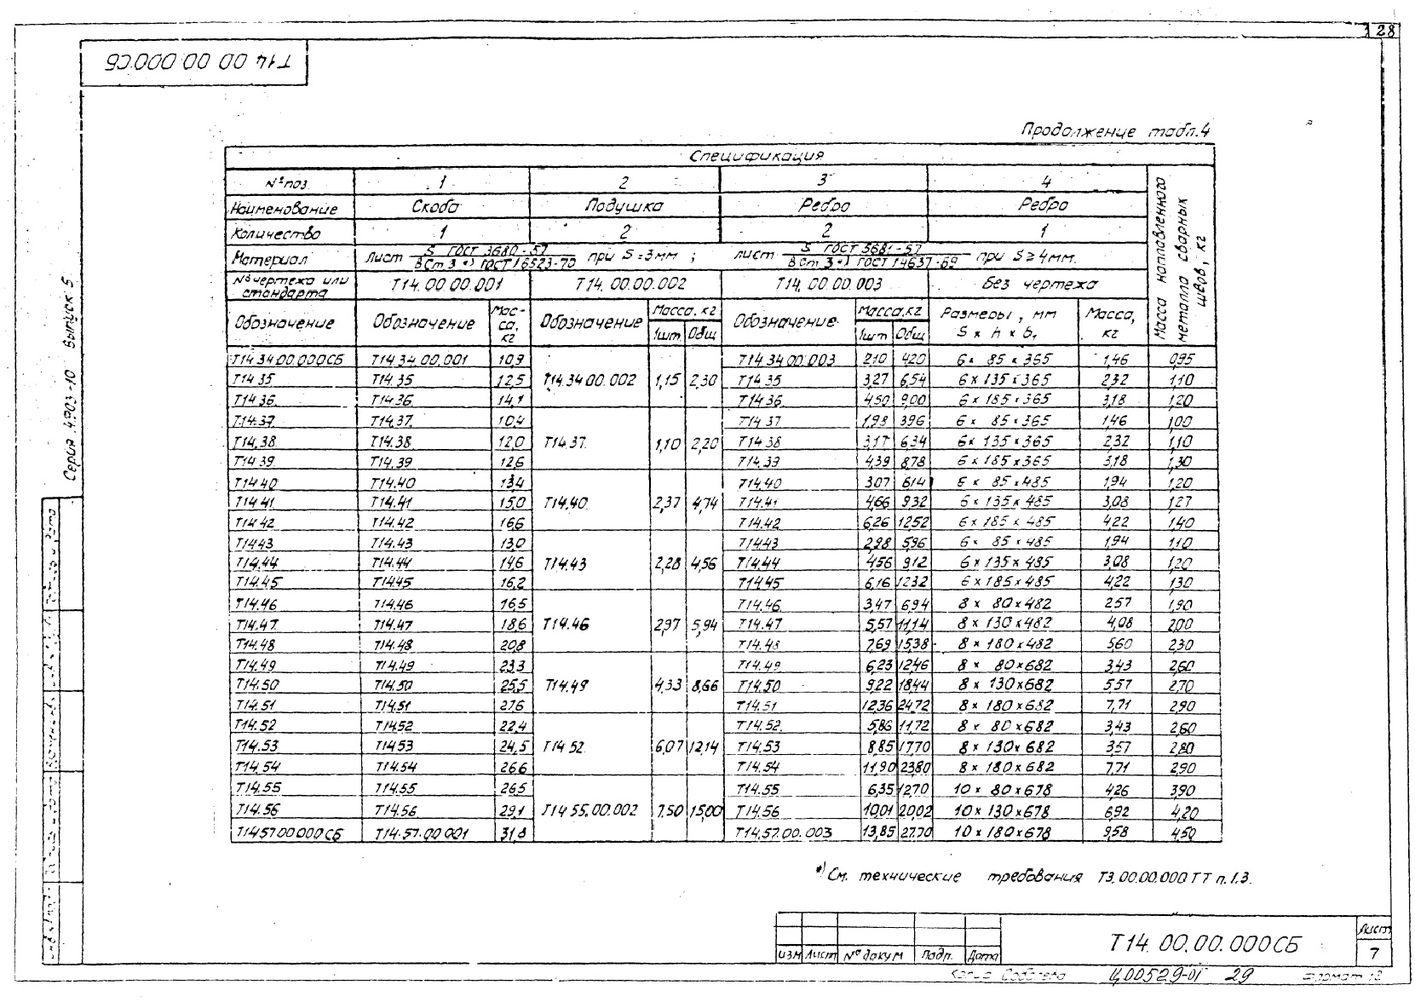 Опоры скользящие Т14 серия 4.903-10 выпуск 5 стр.7